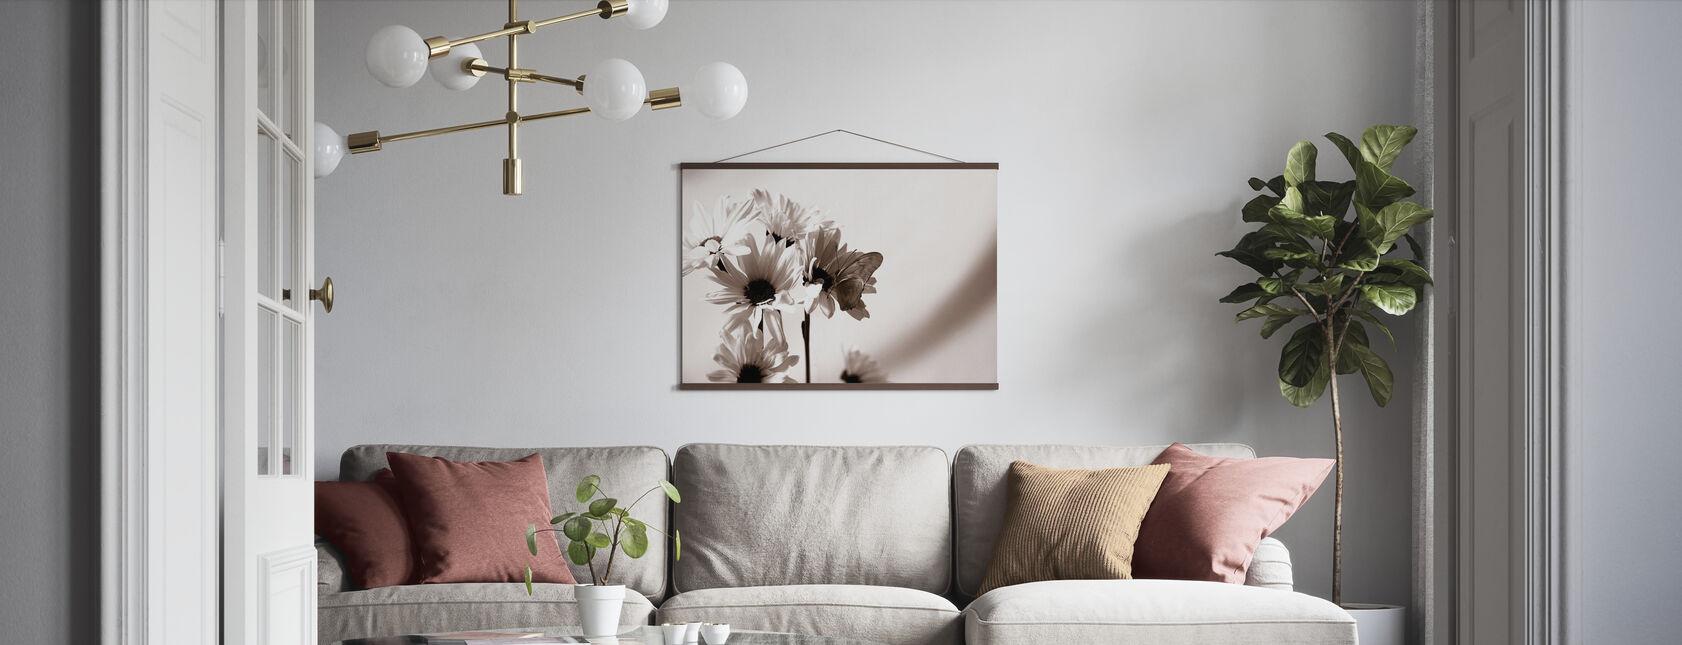 Julia Farfalla - Poster - Salotto